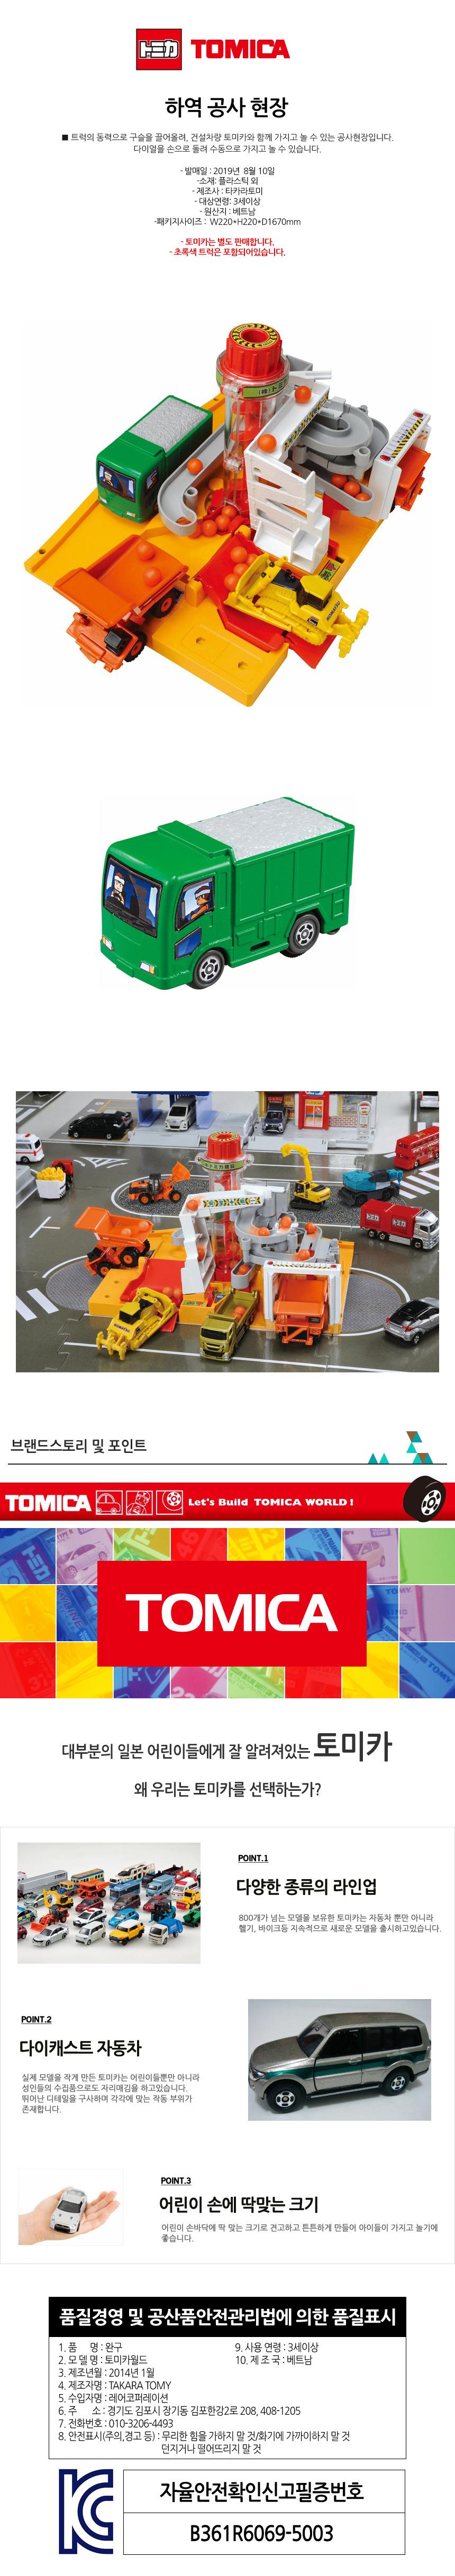 [토미카월드] 하역 공사 현장 (2019년 8월발매) - 레어코퍼레이션, 65,000원, 자동차 모형, 기타 자동차